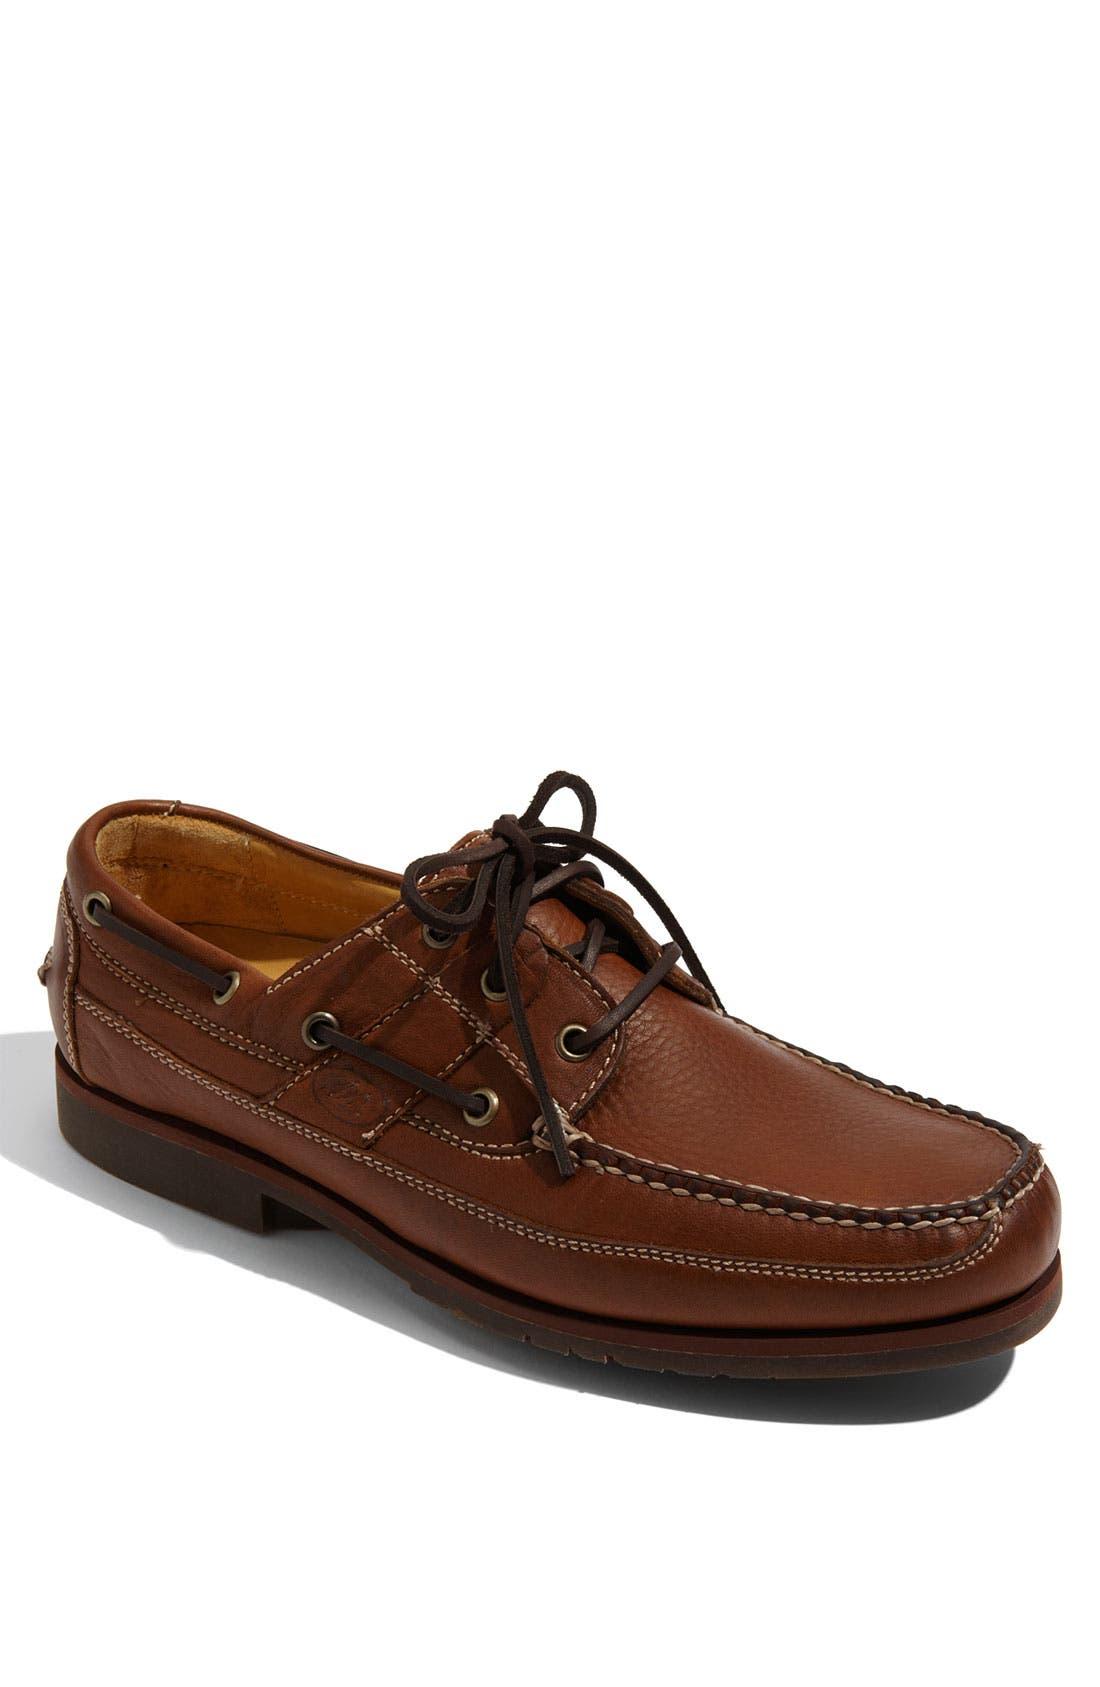 'Bridgeport' Boat Shoe,                             Main thumbnail 1, color,                             210